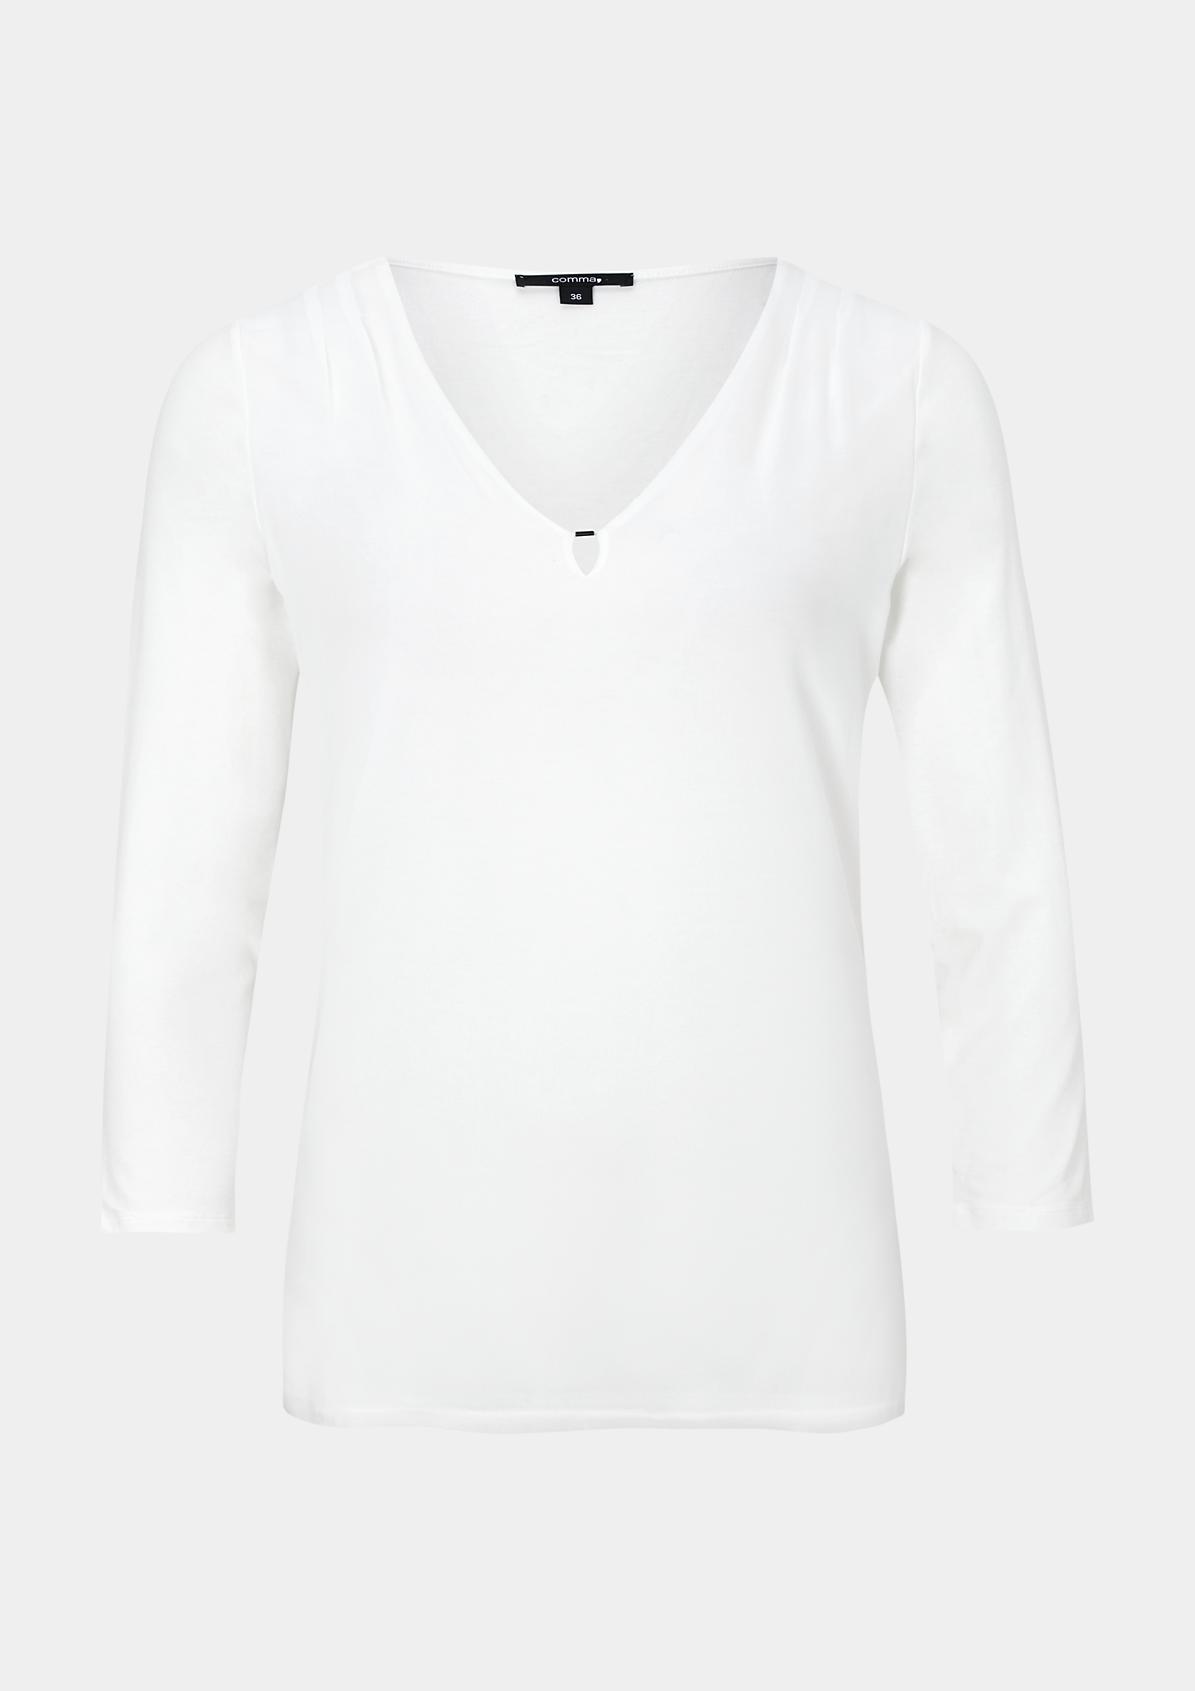 Feines 3/4-Arm Shirt im raffinierten Materialmix